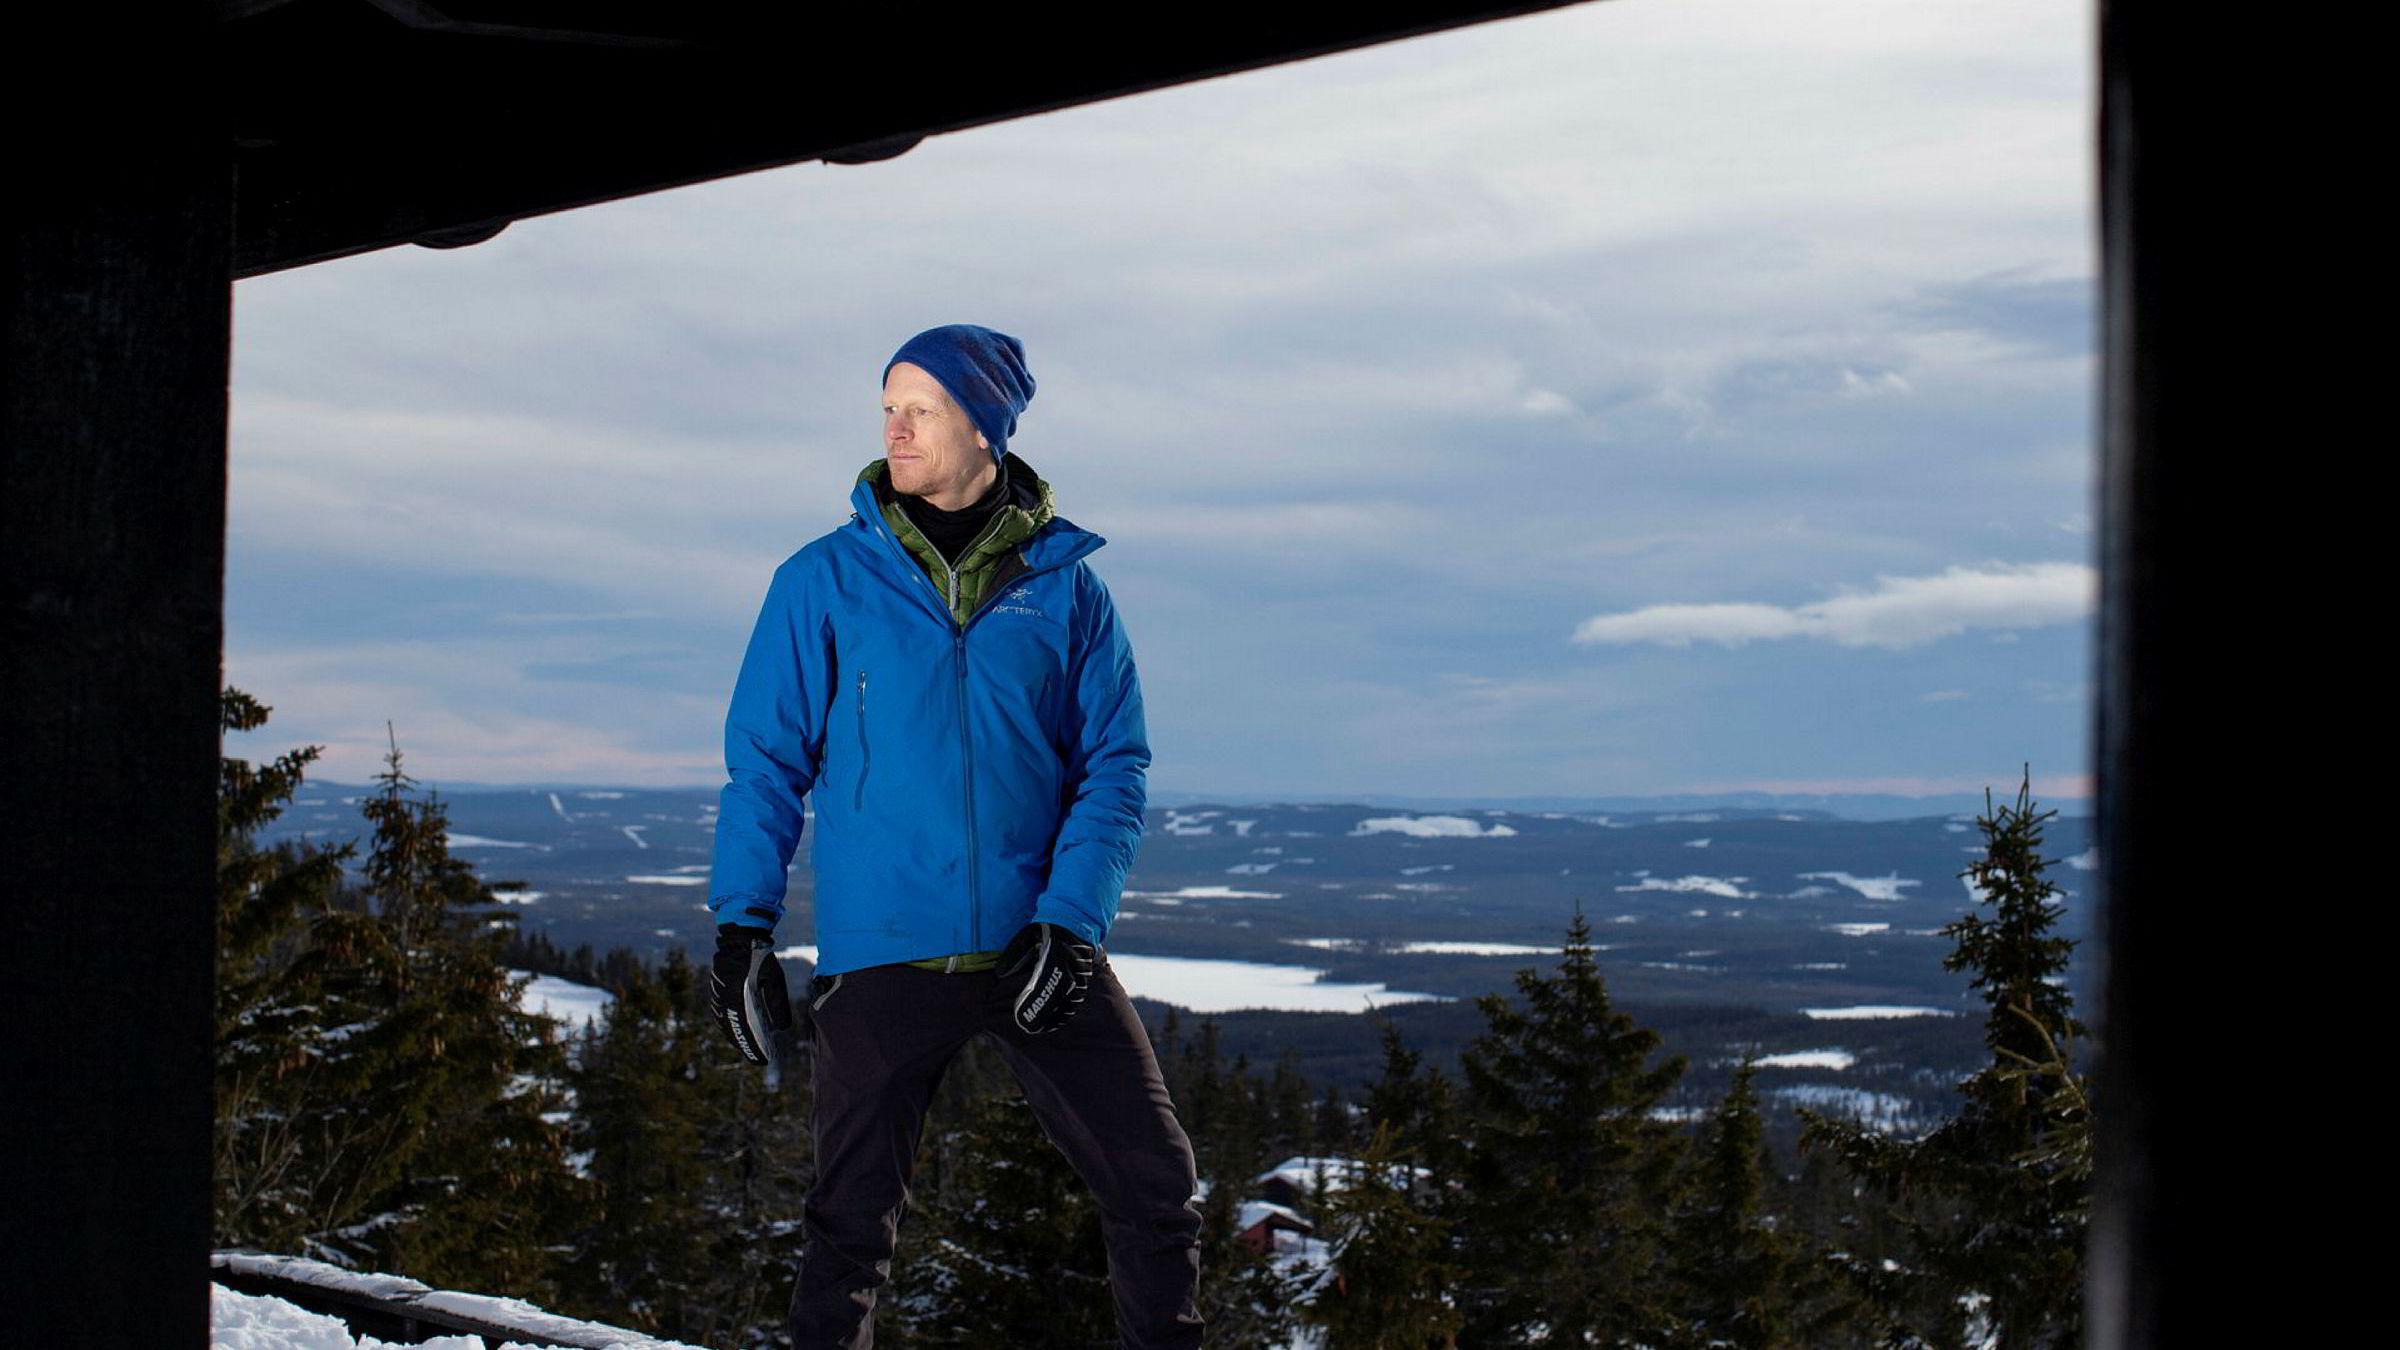 Sjusjøen, Norge: Jørgen Juel Andersen ved BI har jobbet med en forskningsrapport hos Verdensbanken. Ifølge kildene til The Economist har sjefene i banken hindret rapporten å komme ut, og nå har den kvinnelige forskningssjefen gått av. Forskningsartikkelen ble publisert i dag.